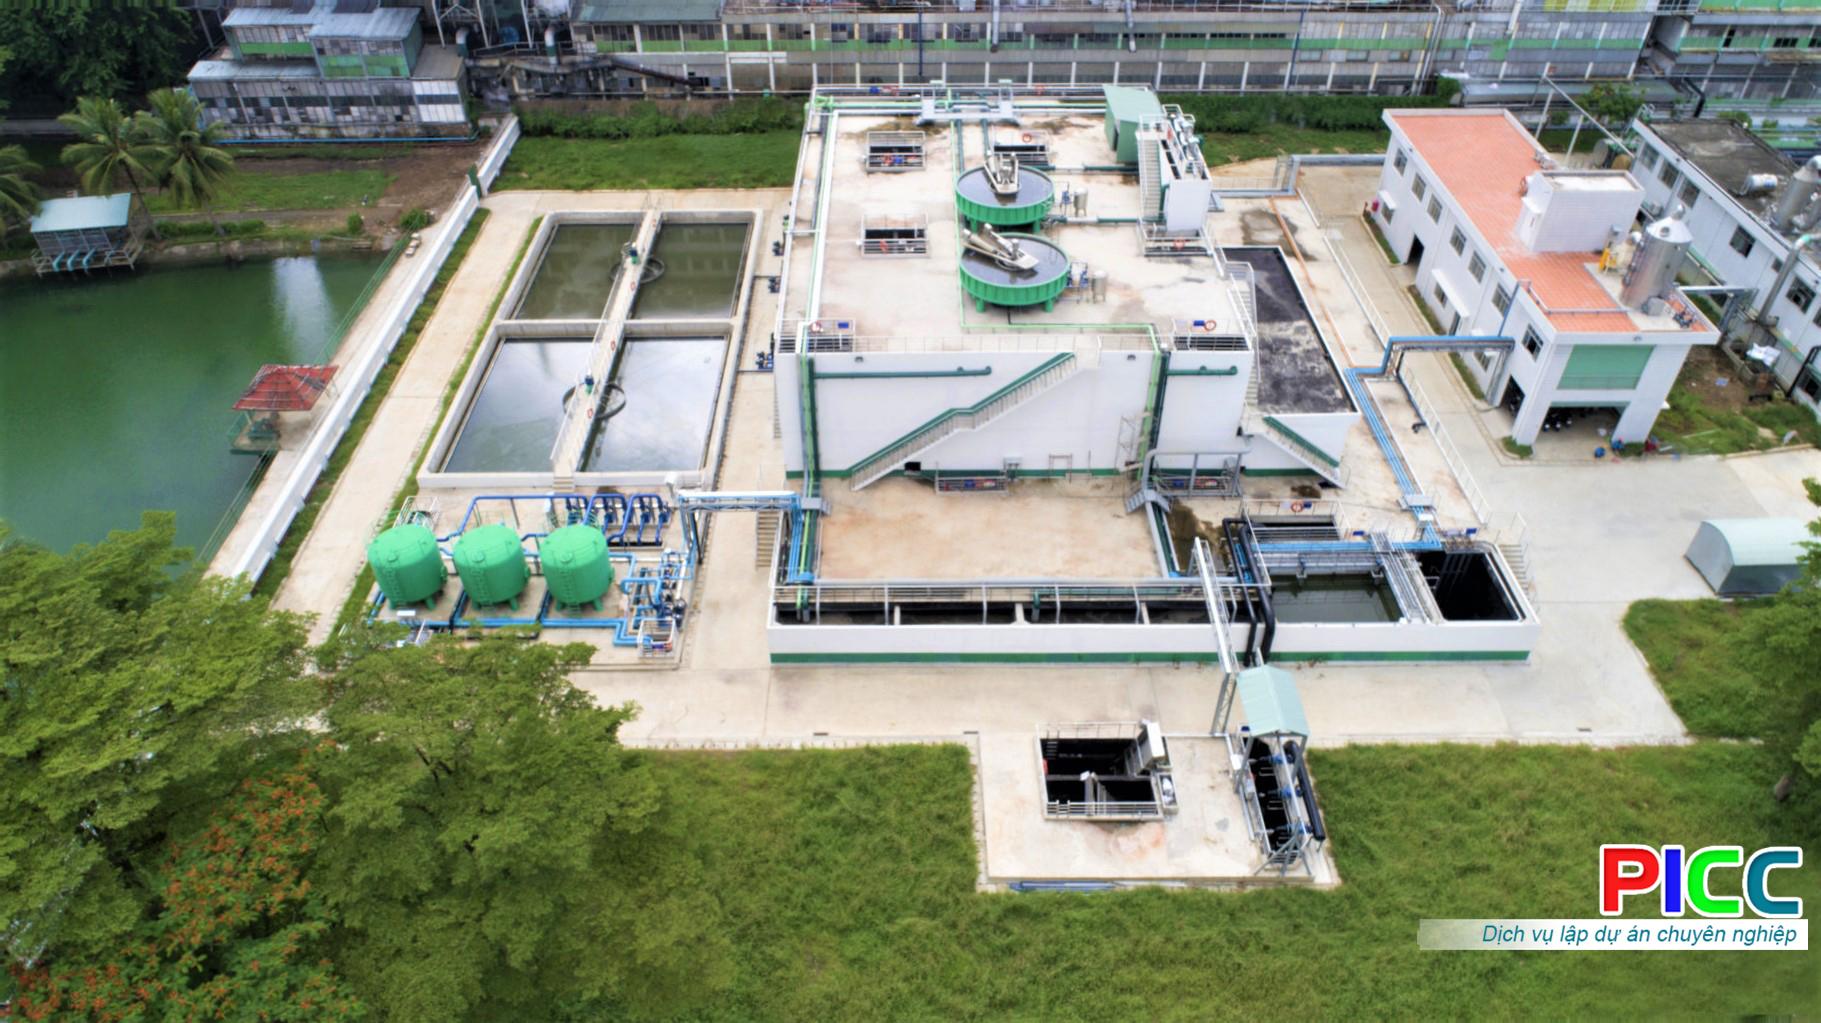 Nhà máy xử lý môi trường khu công nghiệp Yên Bình